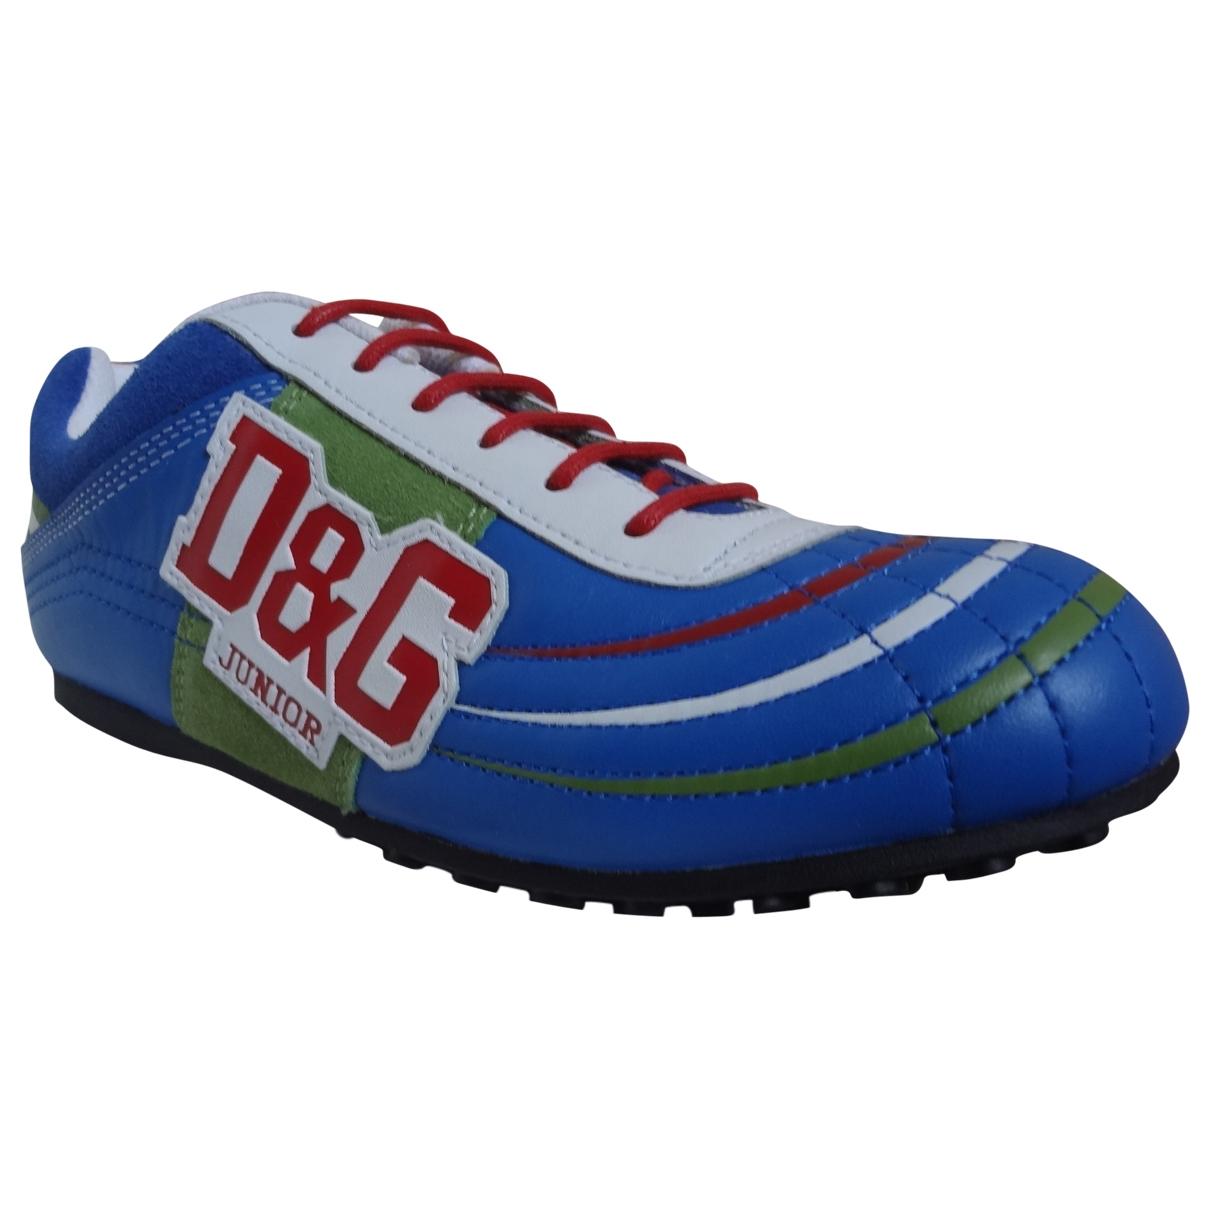 D&g \N Sneakers in  Blau Leder